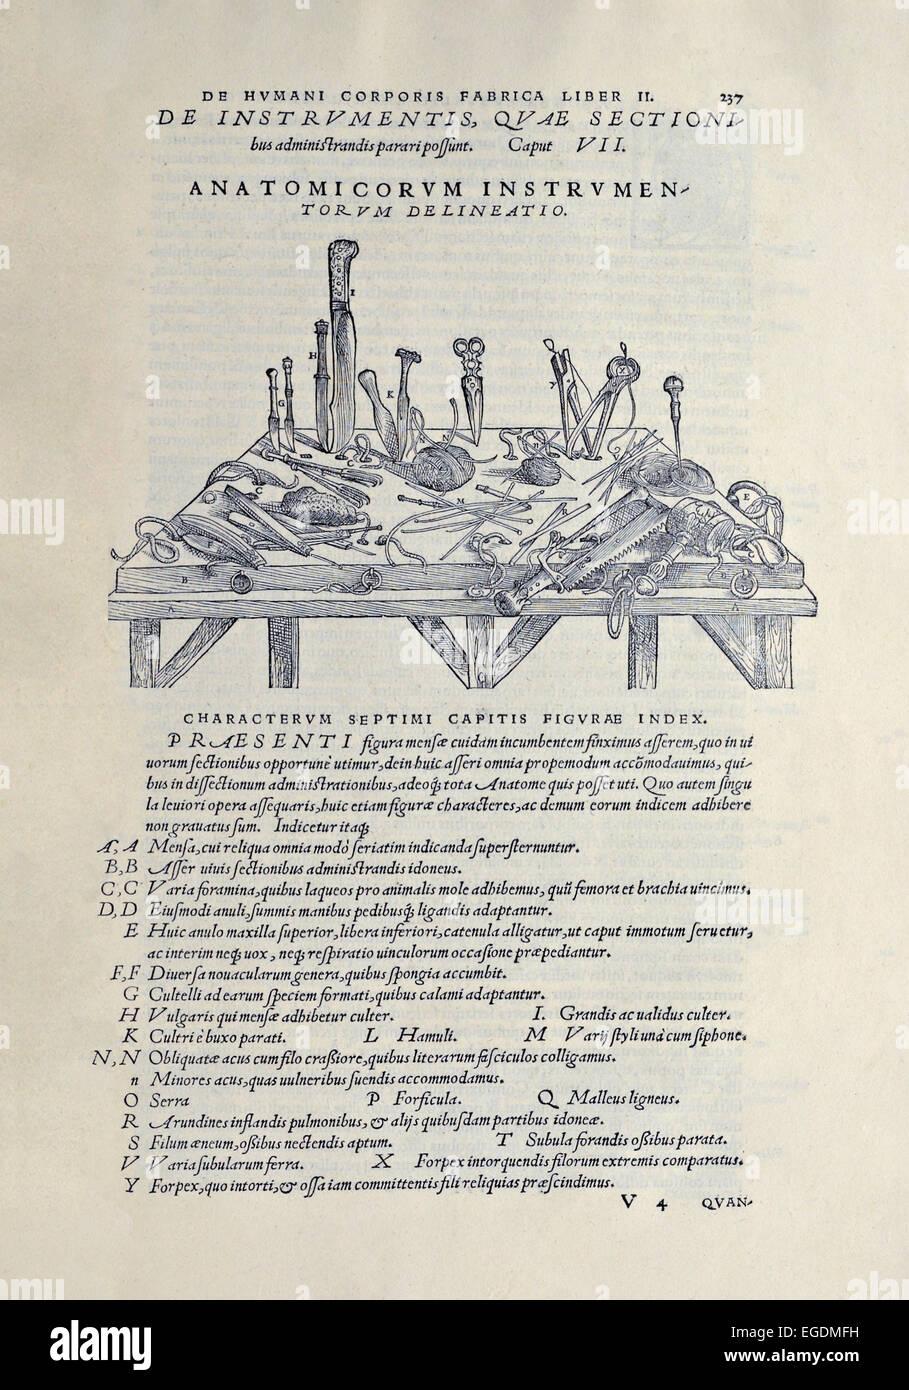 Chirurgische Instrumente in das Sezieren von Leichen zur Anatomie ...